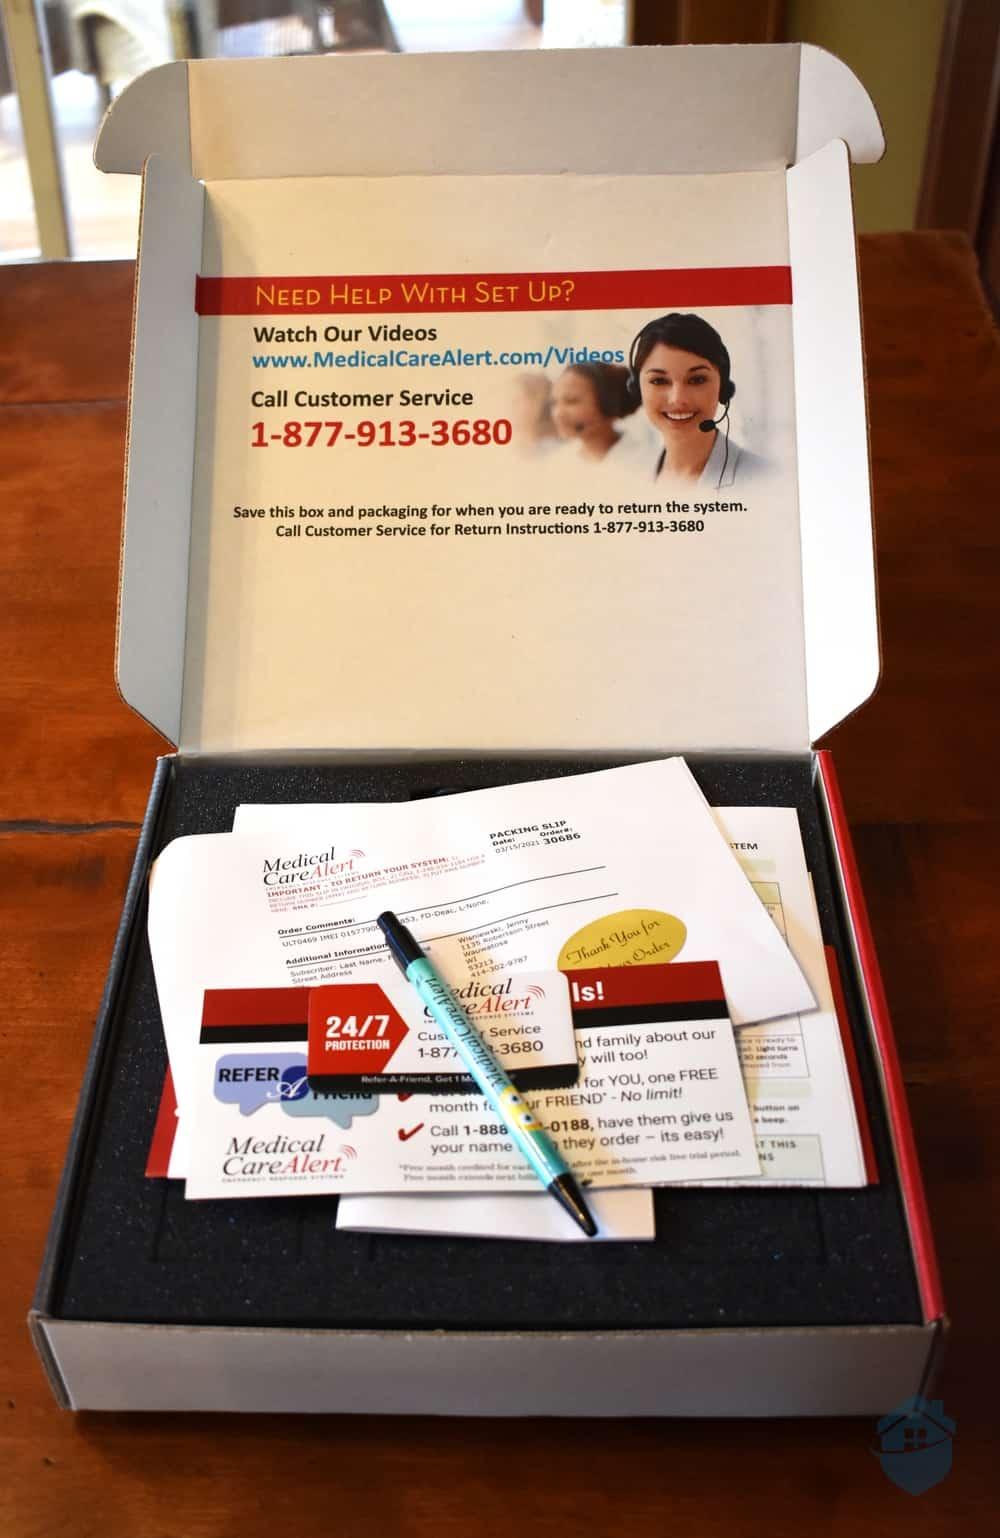 Unboxing Medical Care Alert